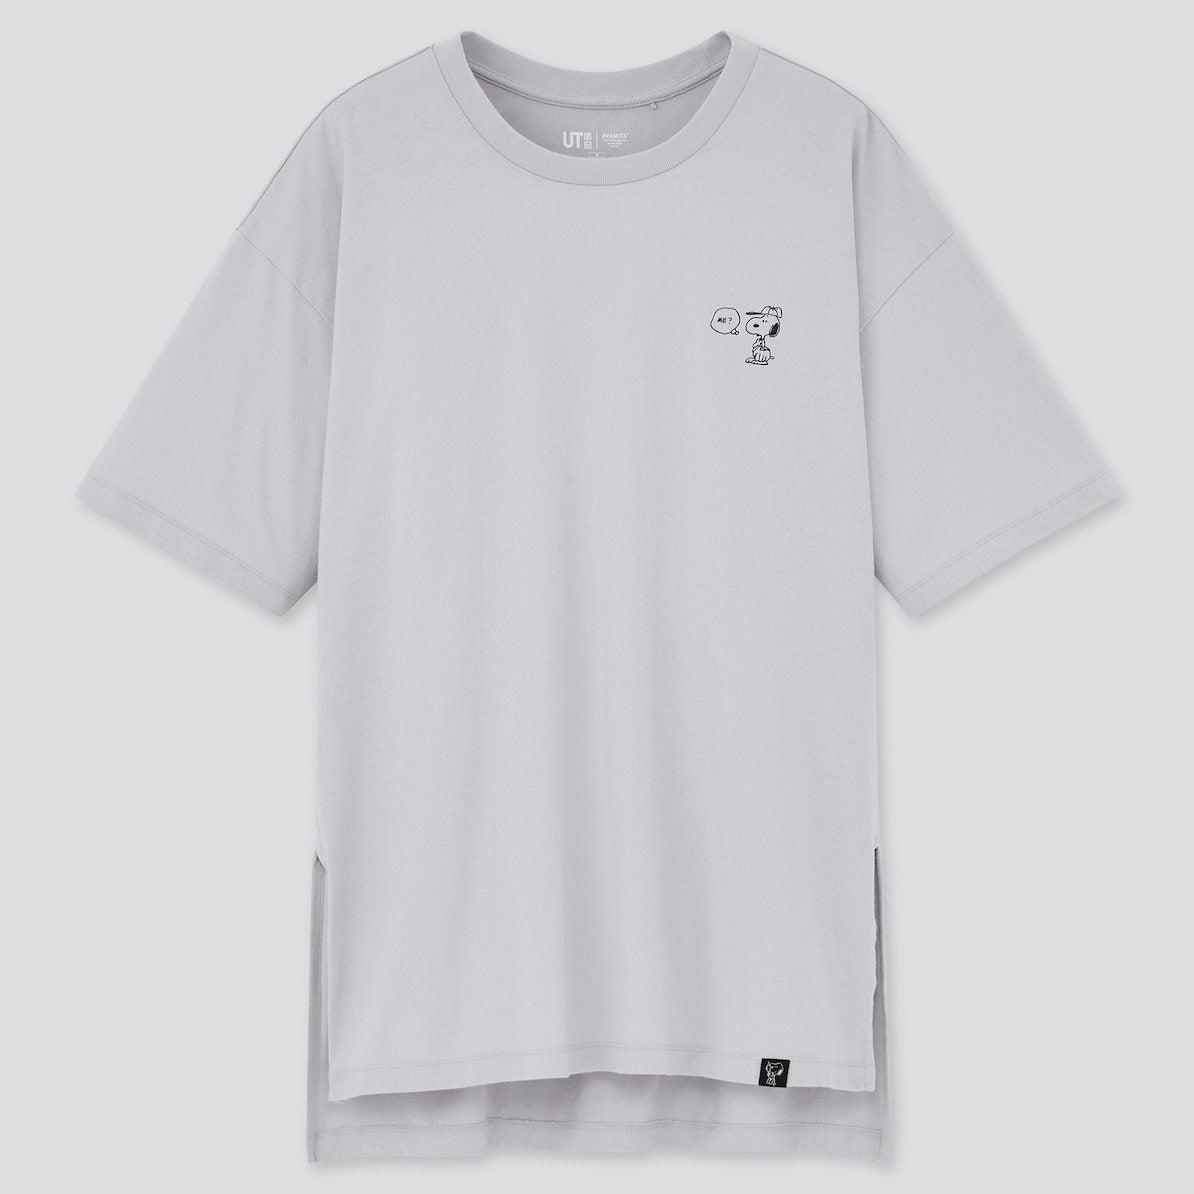 ユニクロ UNIQLO UT Tシャツ ユーティー スヌーピー ピーナッツ SNOOPY PEANUTS ヴィンテージ VINTAGE コラボ 新作 トップス おすすめ レディース 女性 グレー ワンポイント